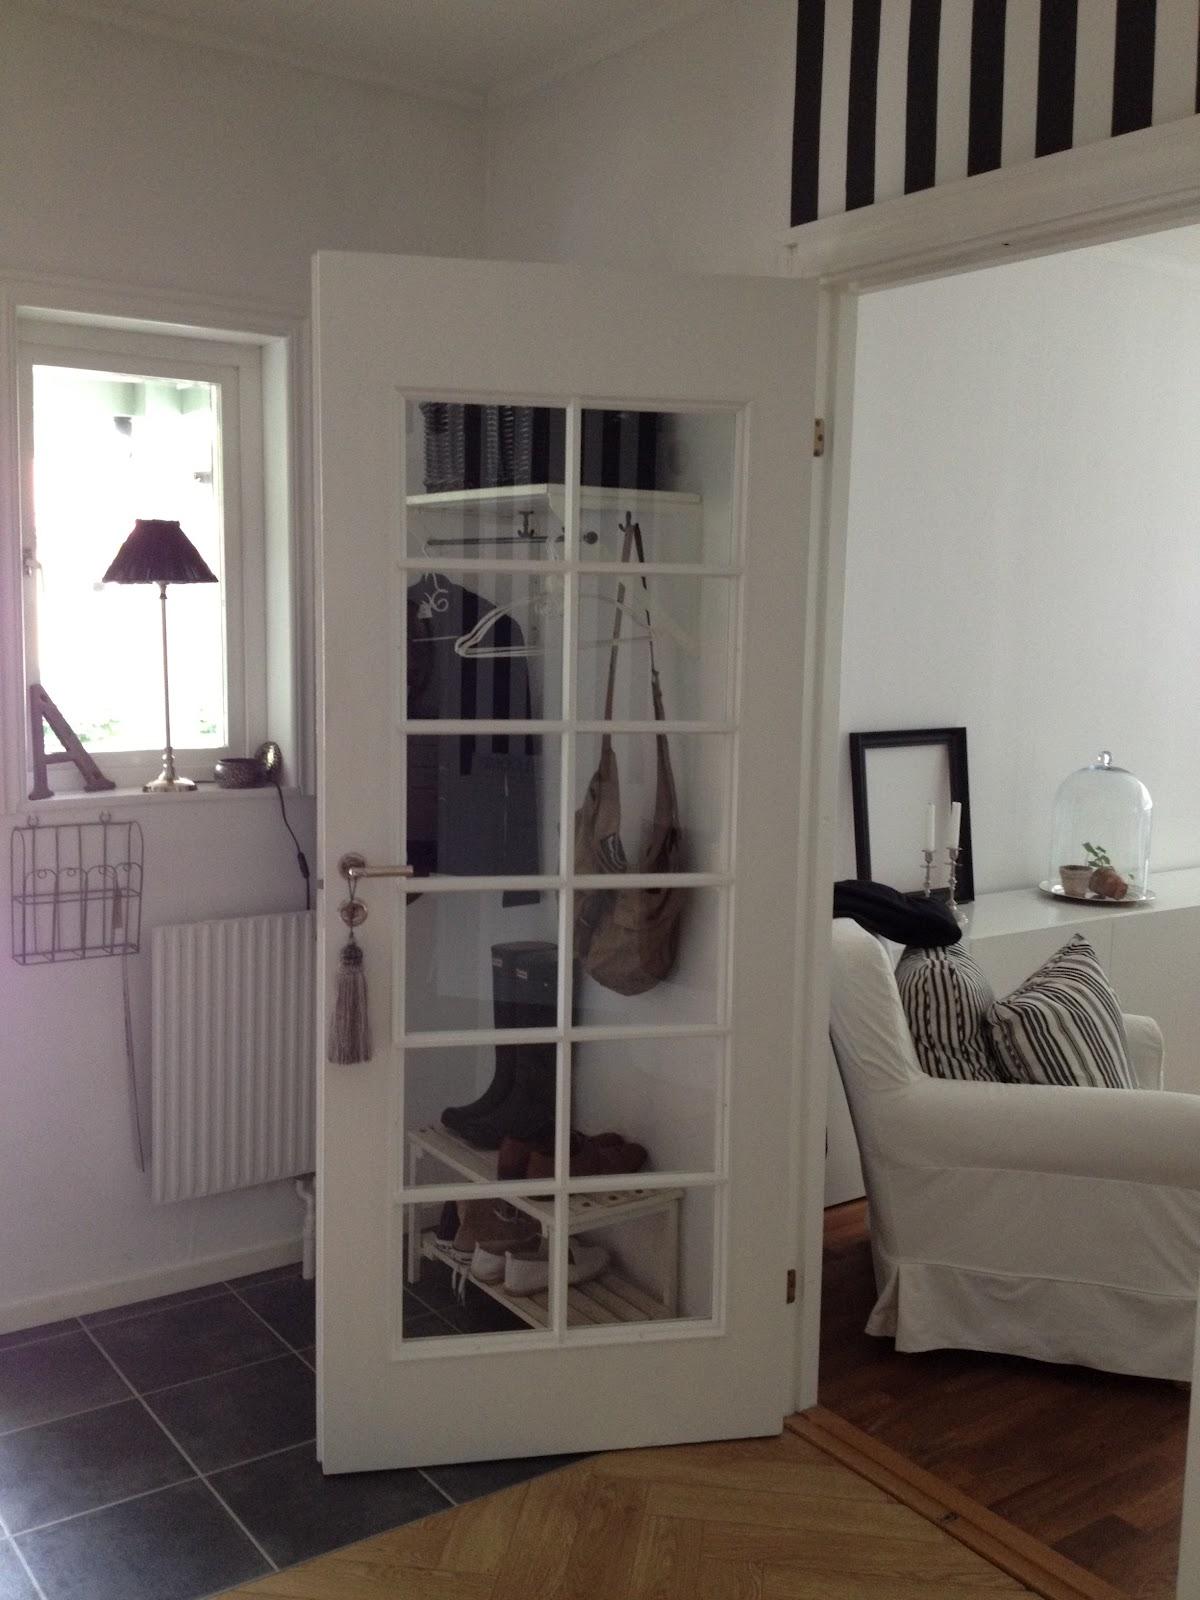 Homeby lotta: hallen i svart och vitt!